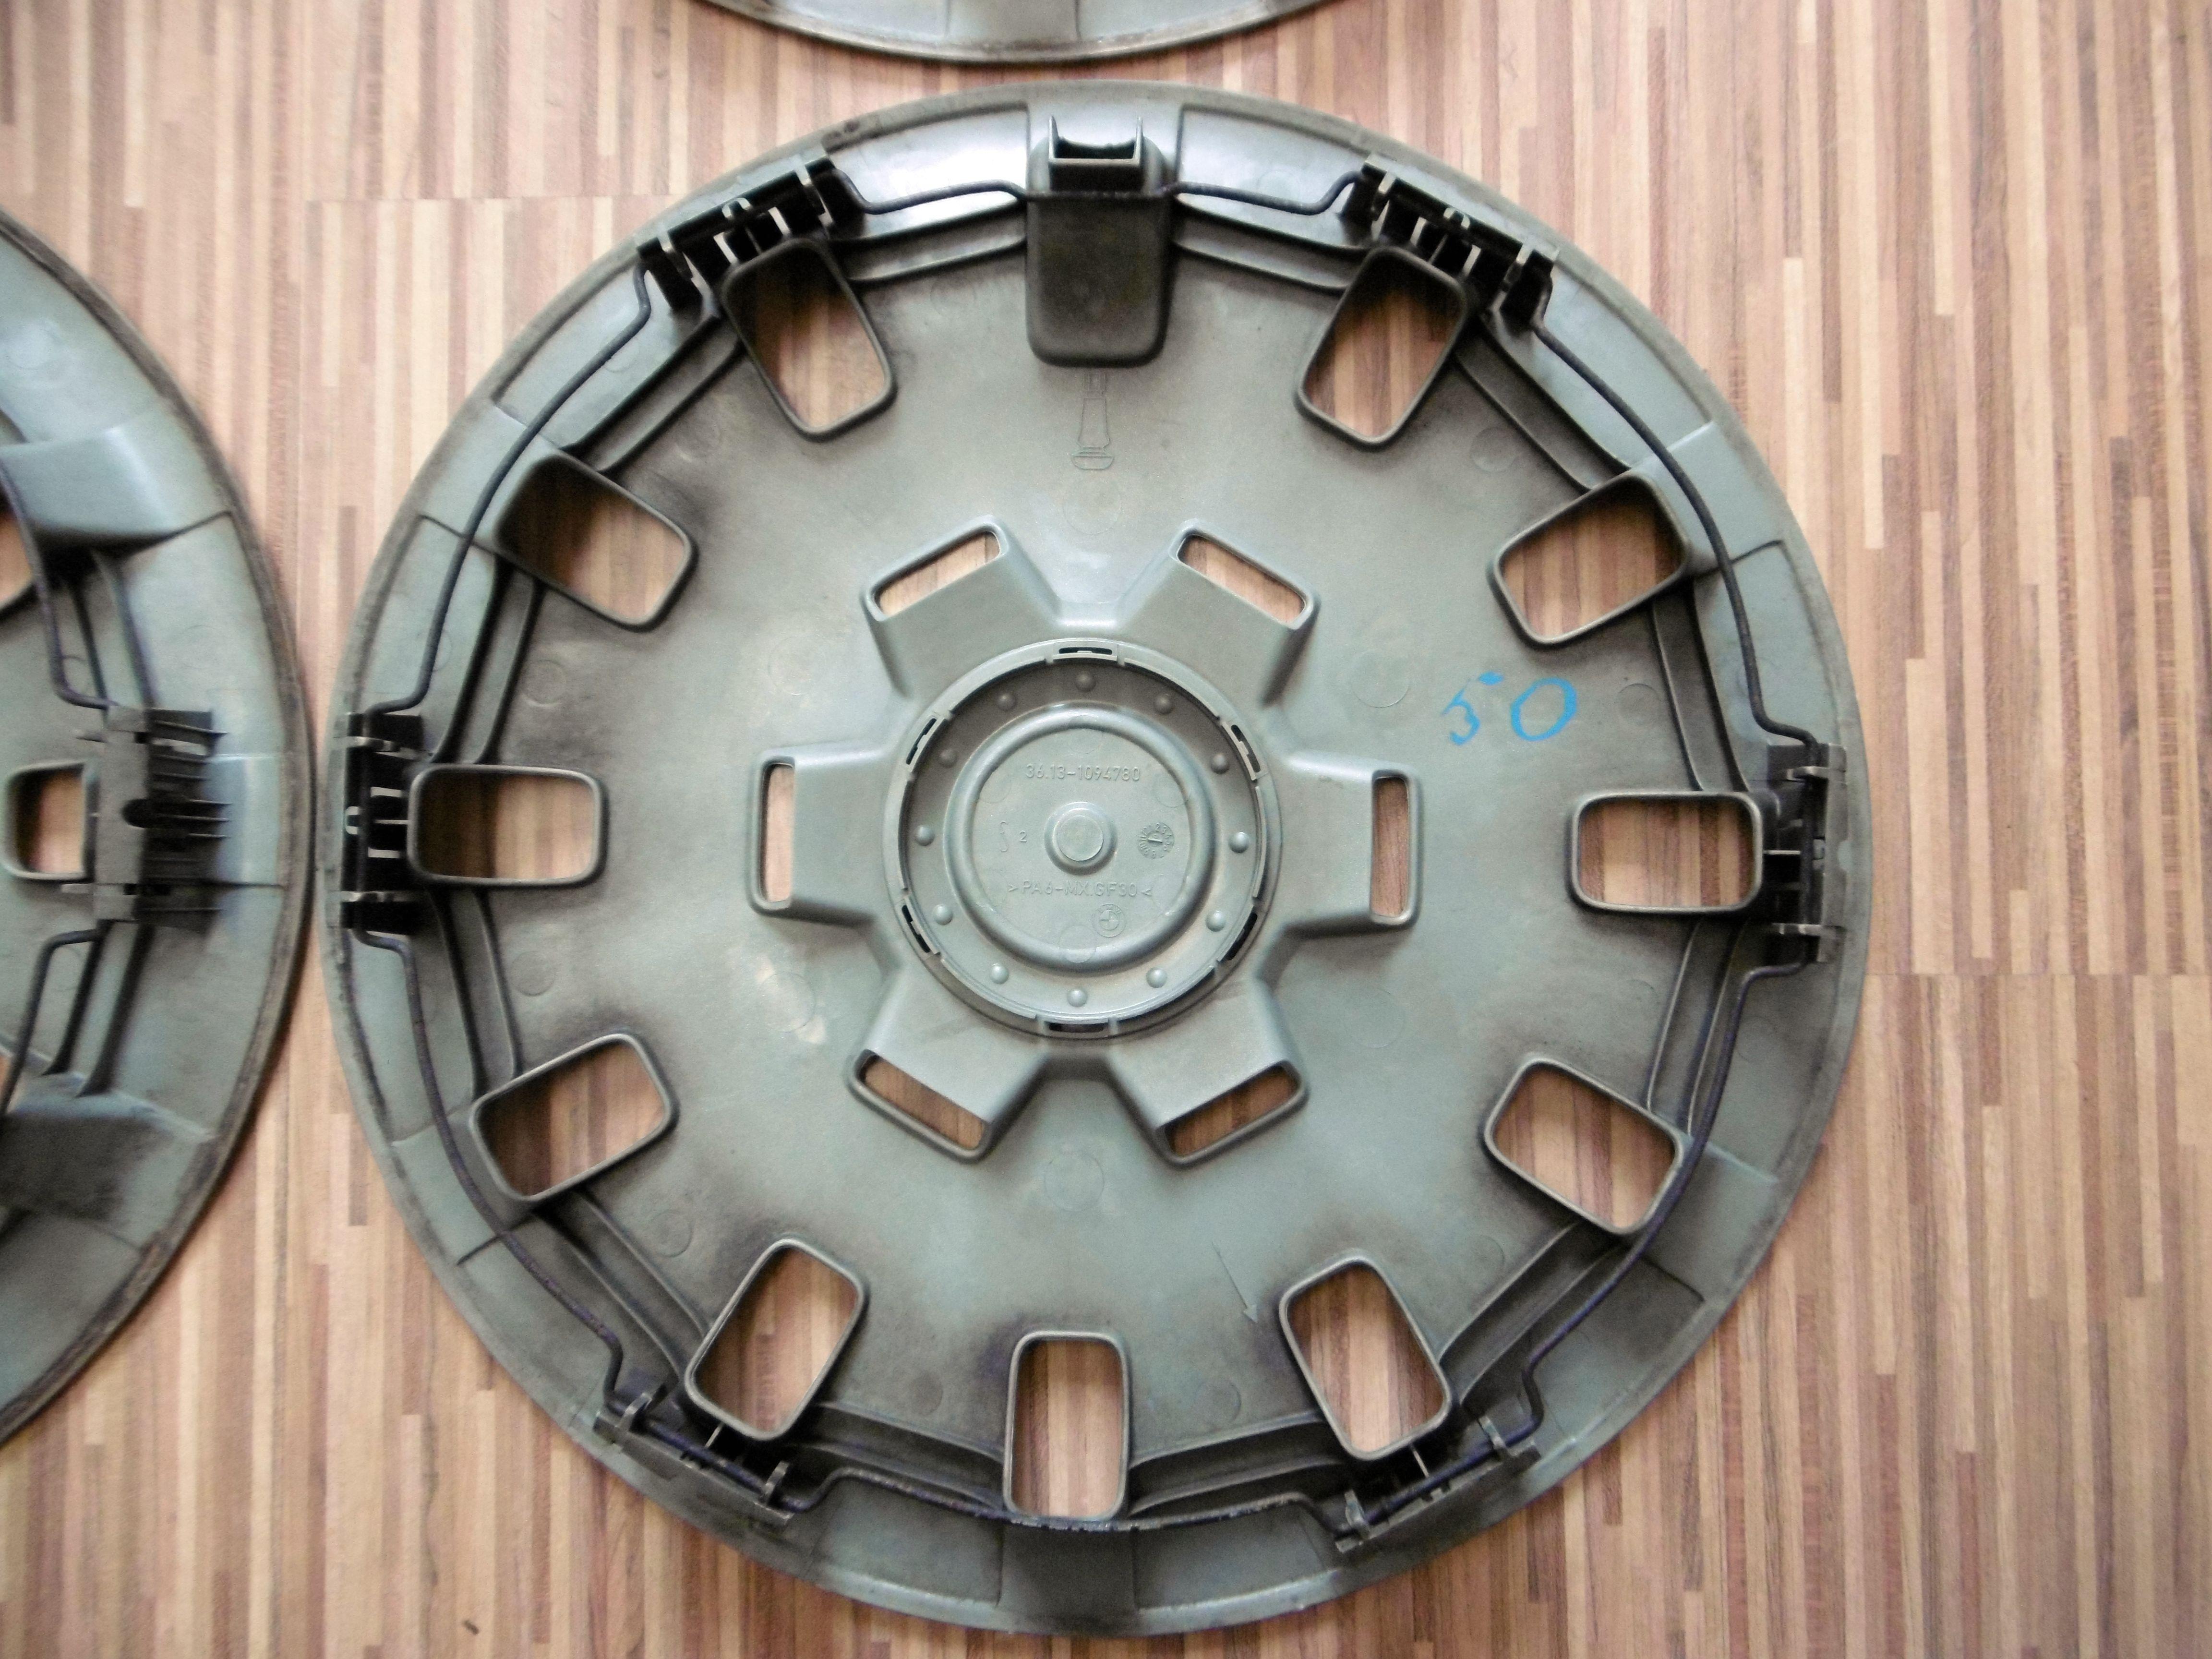 4x original bmw radkappen 15 zoll pa6 mx gf30. Black Bedroom Furniture Sets. Home Design Ideas